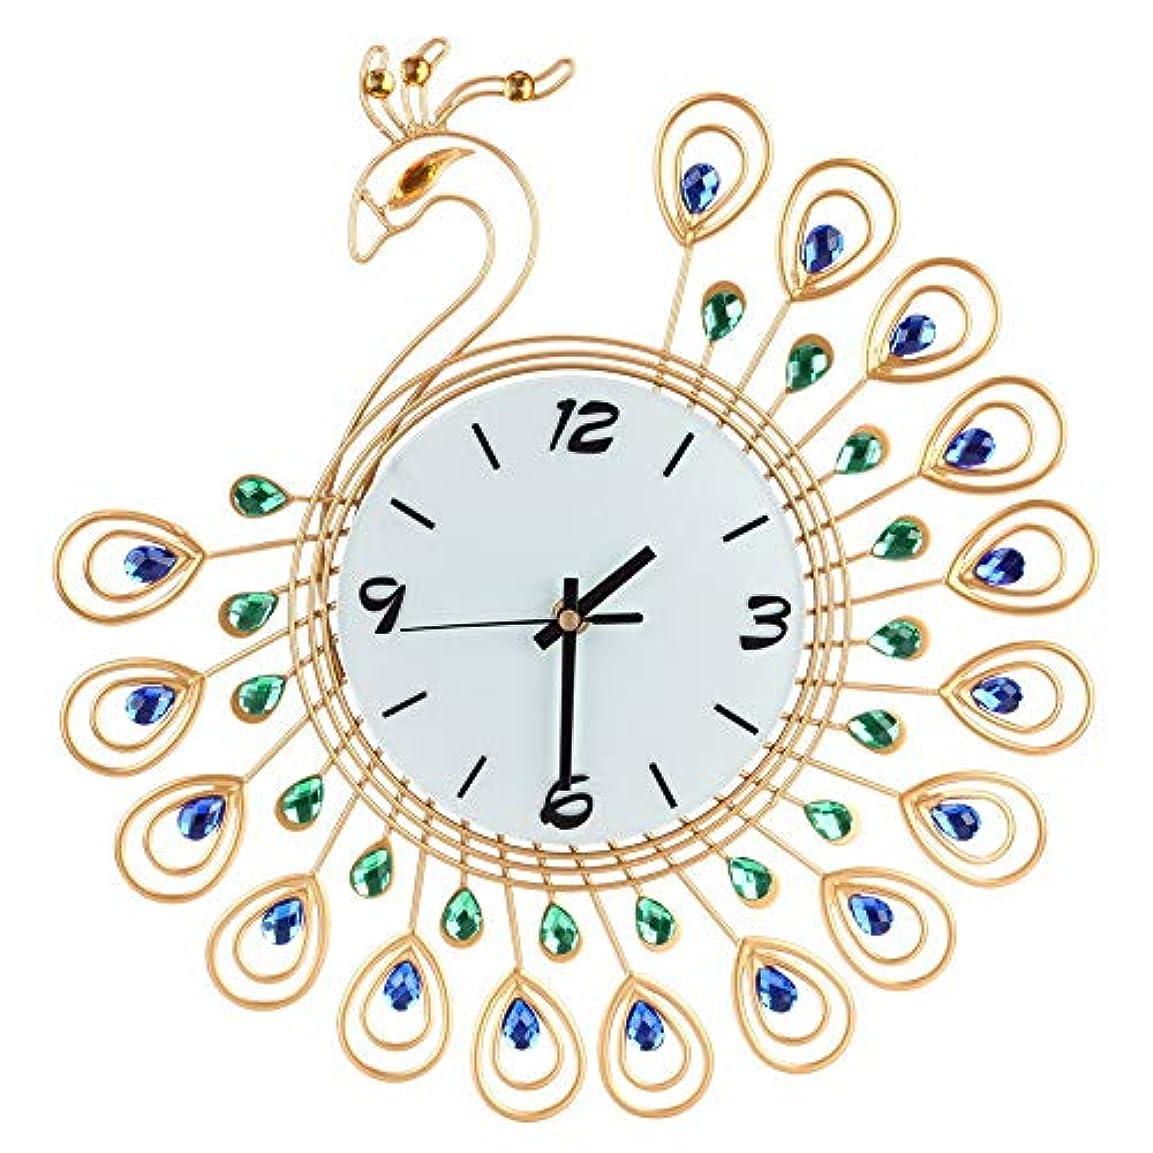 口母重量ルームオフィスのための壁時計の金属のラインストーンの家の装飾の孔雀の時計 (ゴールド)